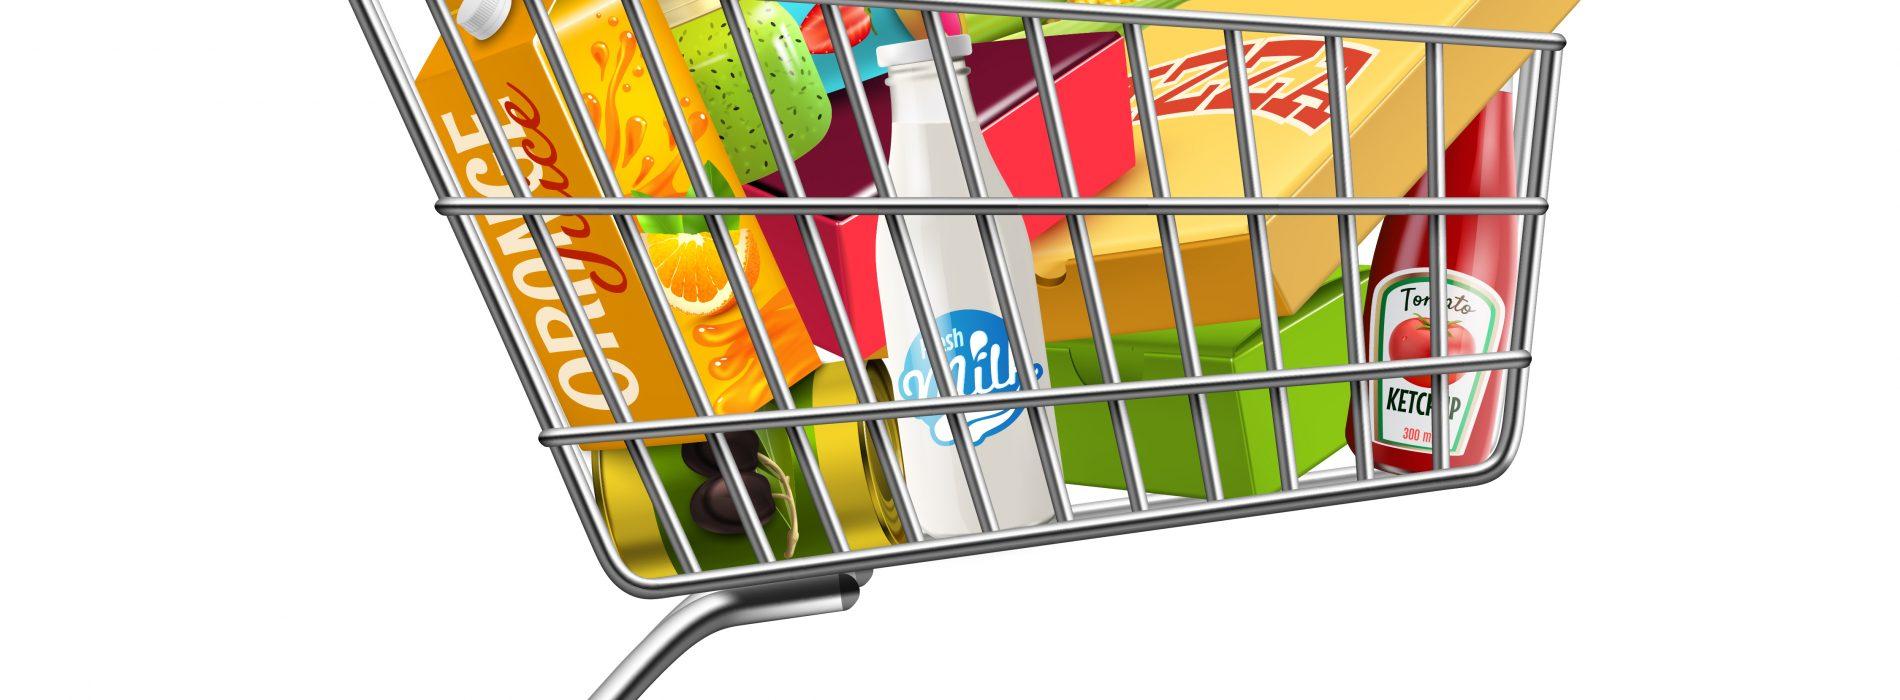 Pelo menos 1/3 dos produtos vendidos na Europa são de Marca Própria